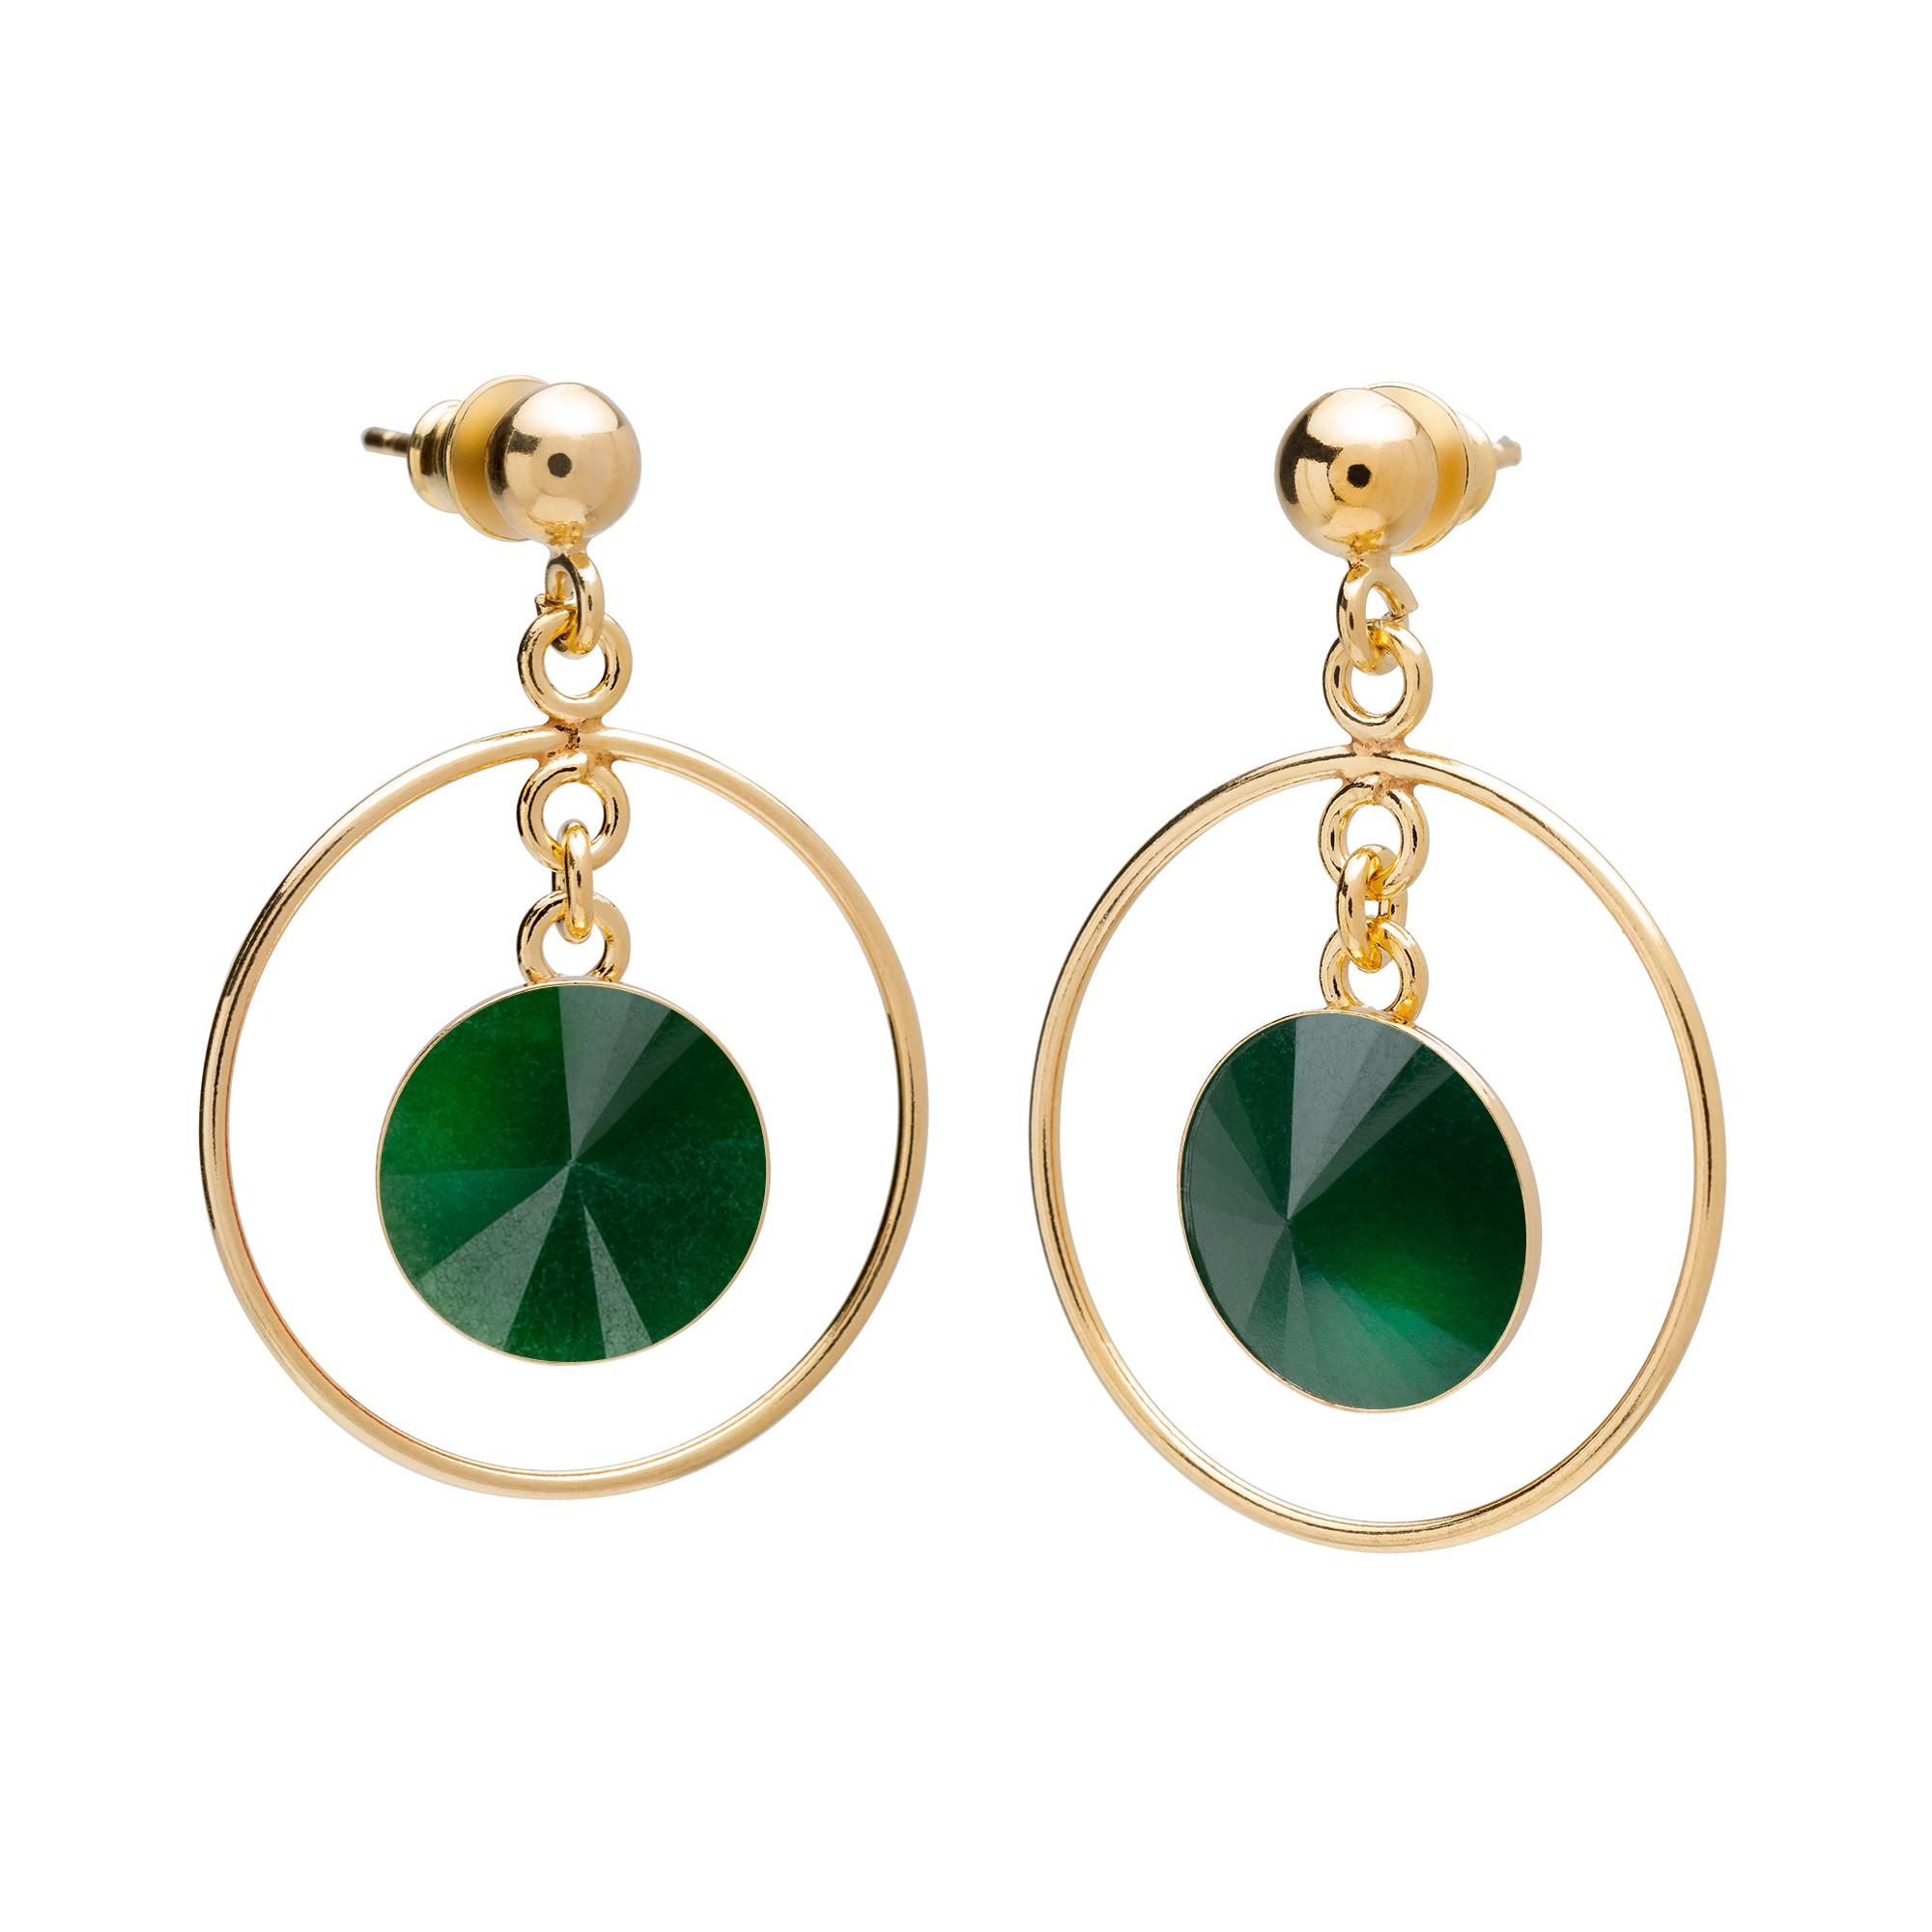 Okrągłe kolczyki z naturalnym kamieniem, jadeit ciemno zielony, srebro 925